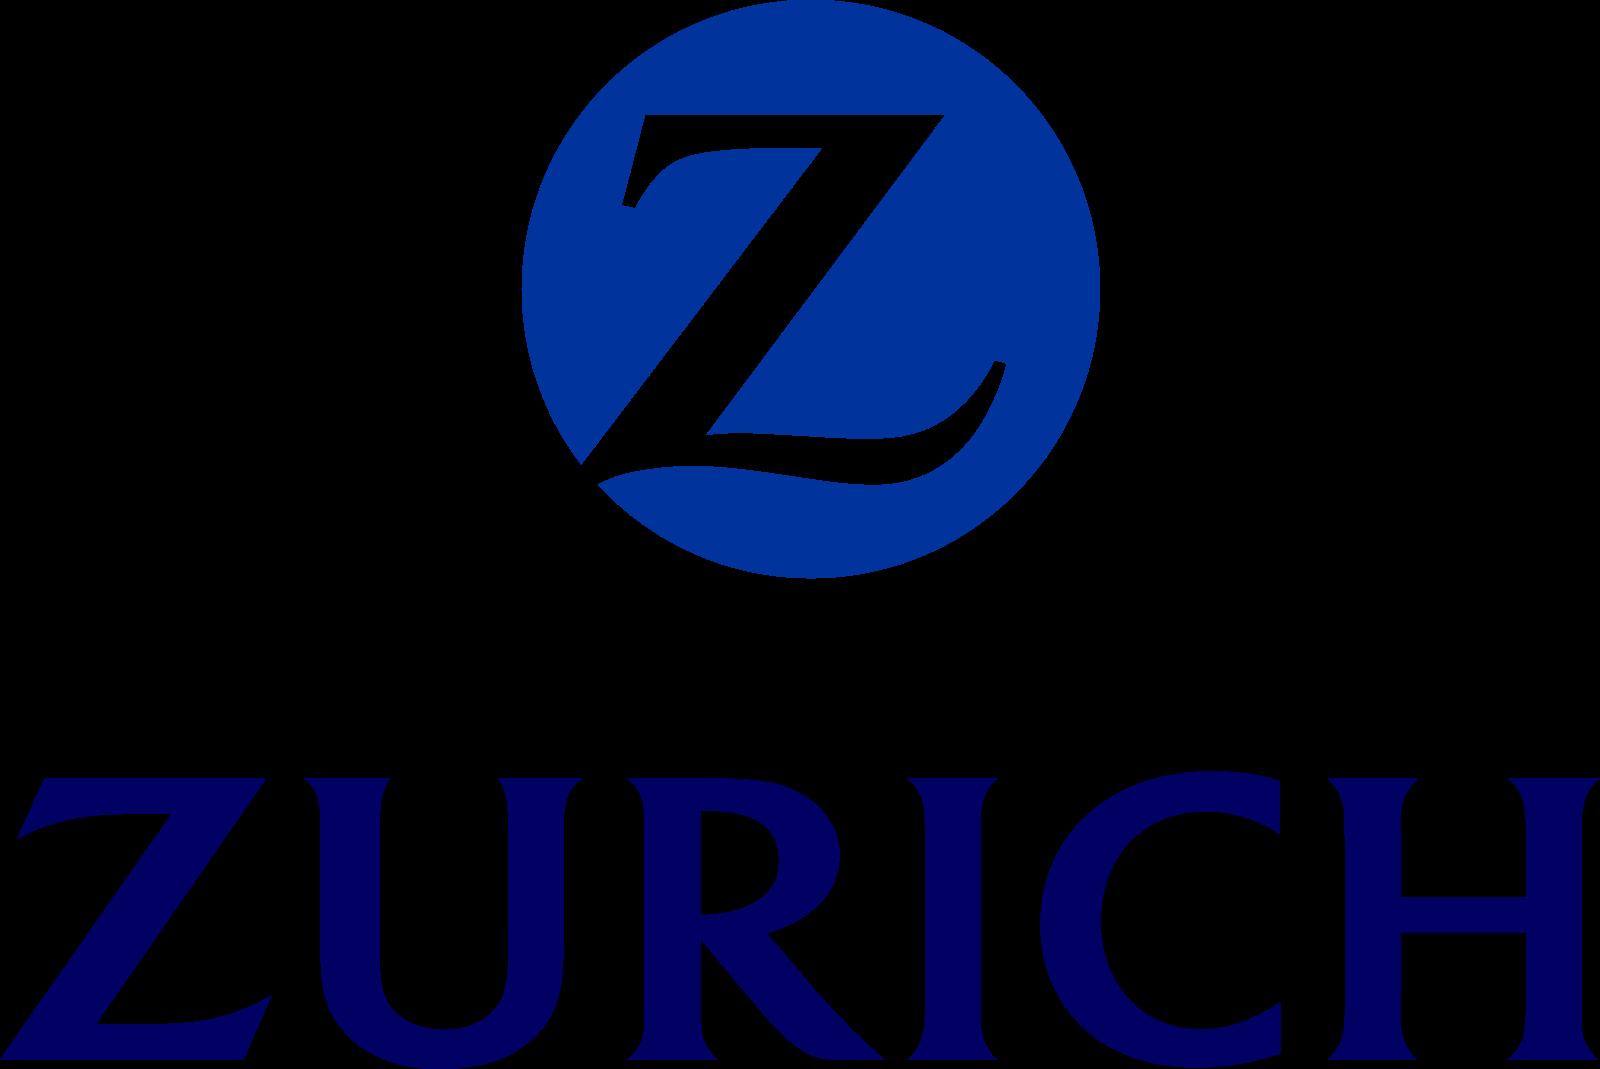 zurich logo 2 - Zurich Logo